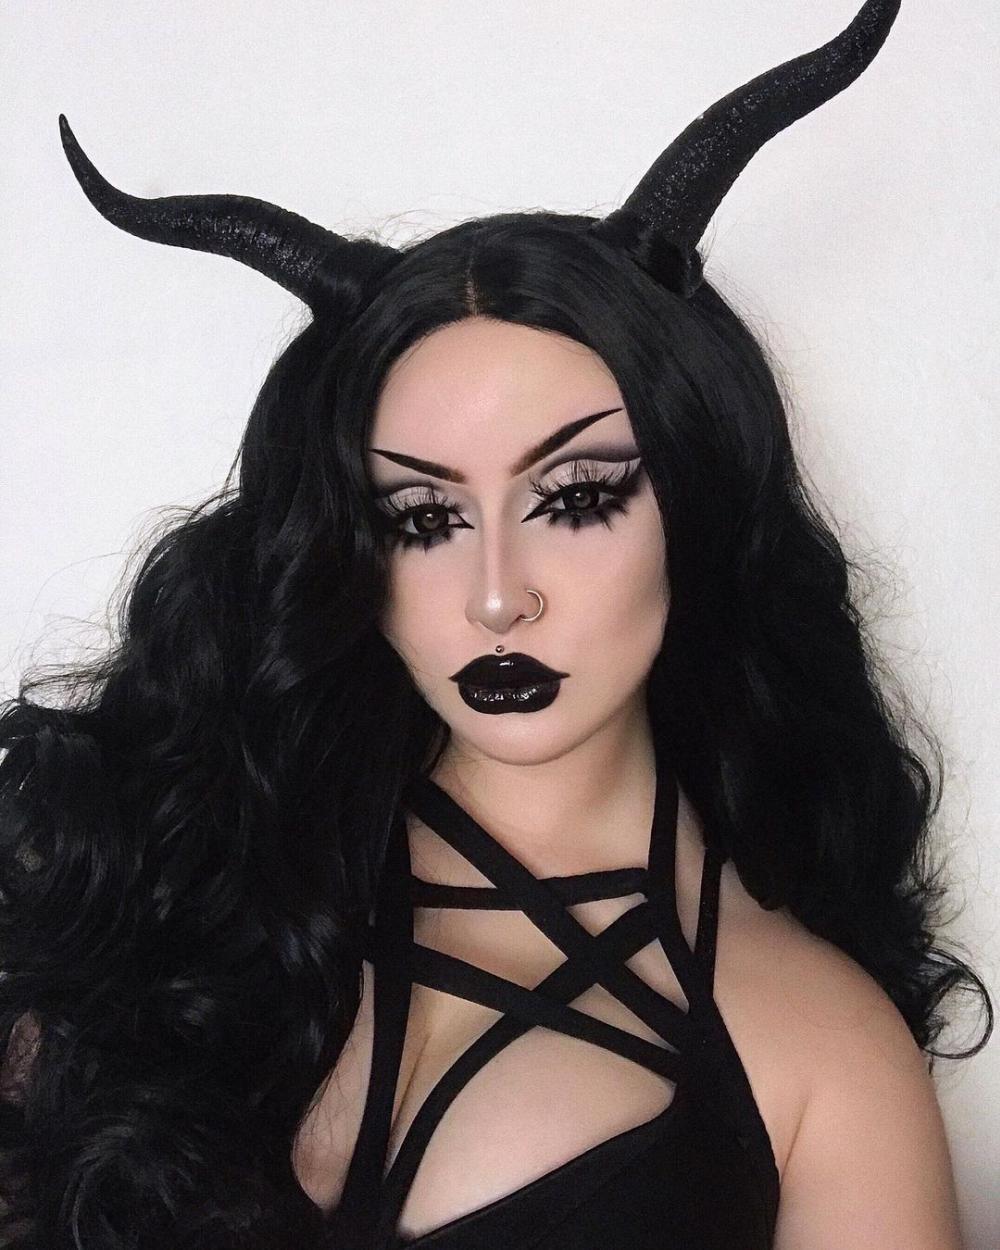 Demon sexy makeup